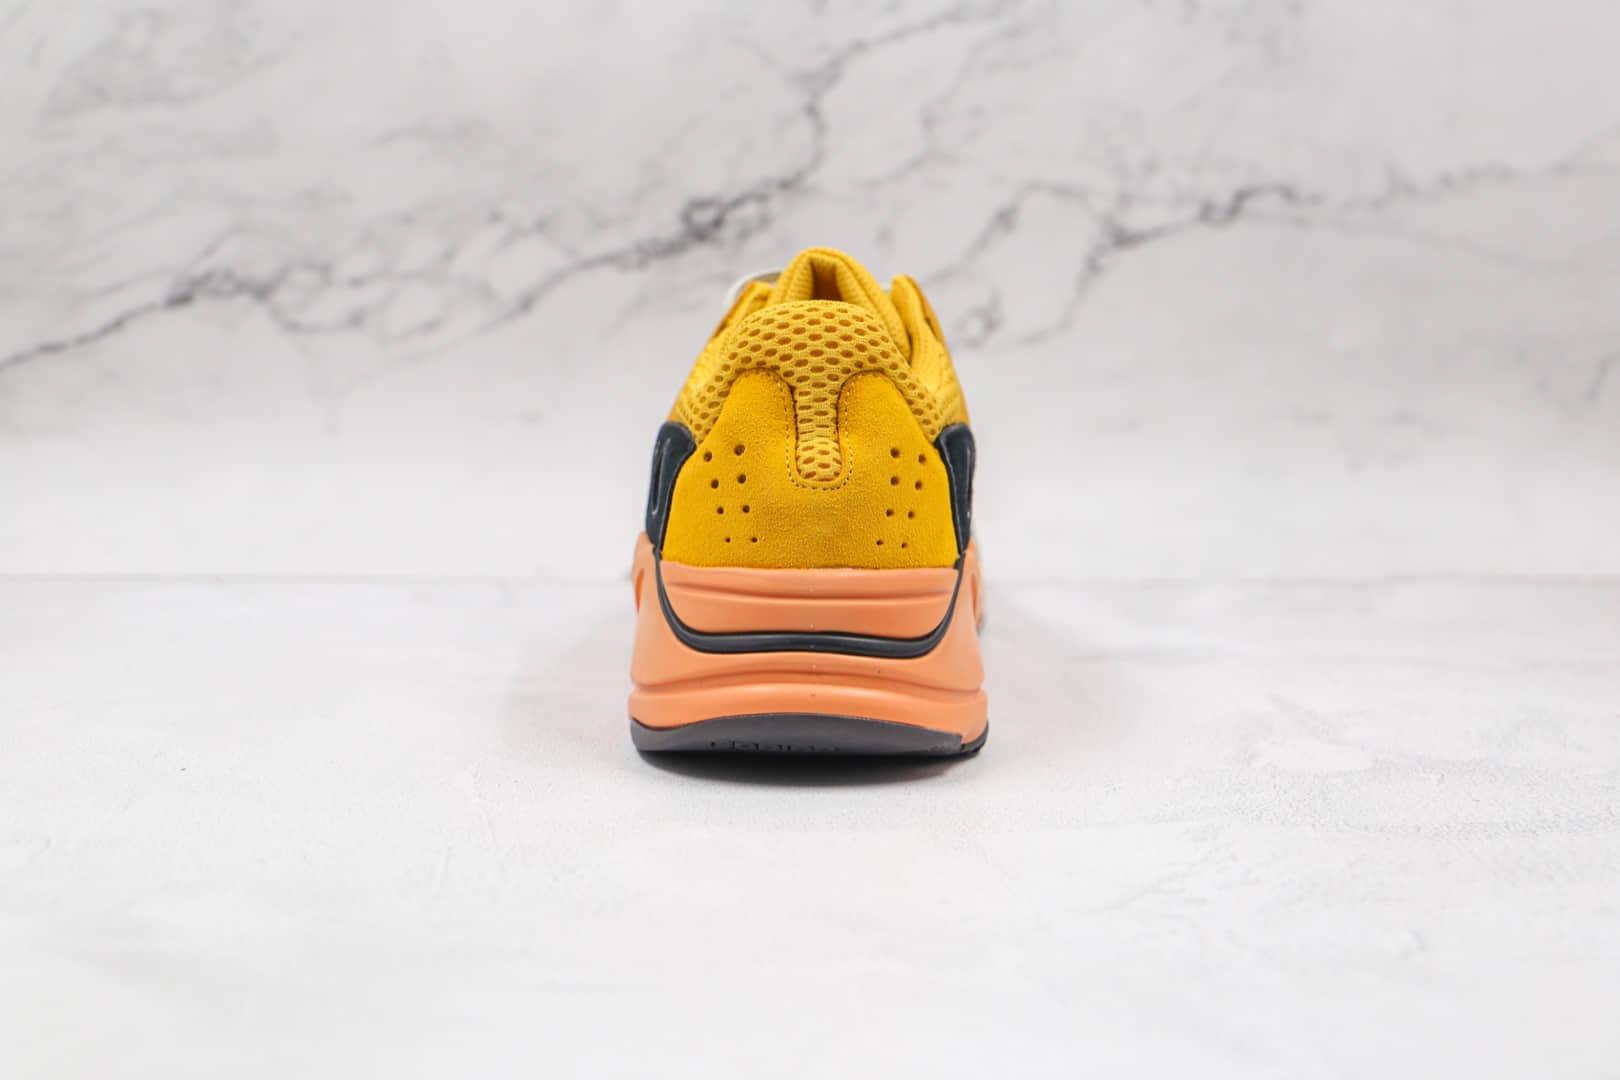 阿迪达斯Adidas Yeezy 700 Boost纯原版本侃爷椰子700初代太阳橙老爹鞋原盒原标 货号:GZ6984